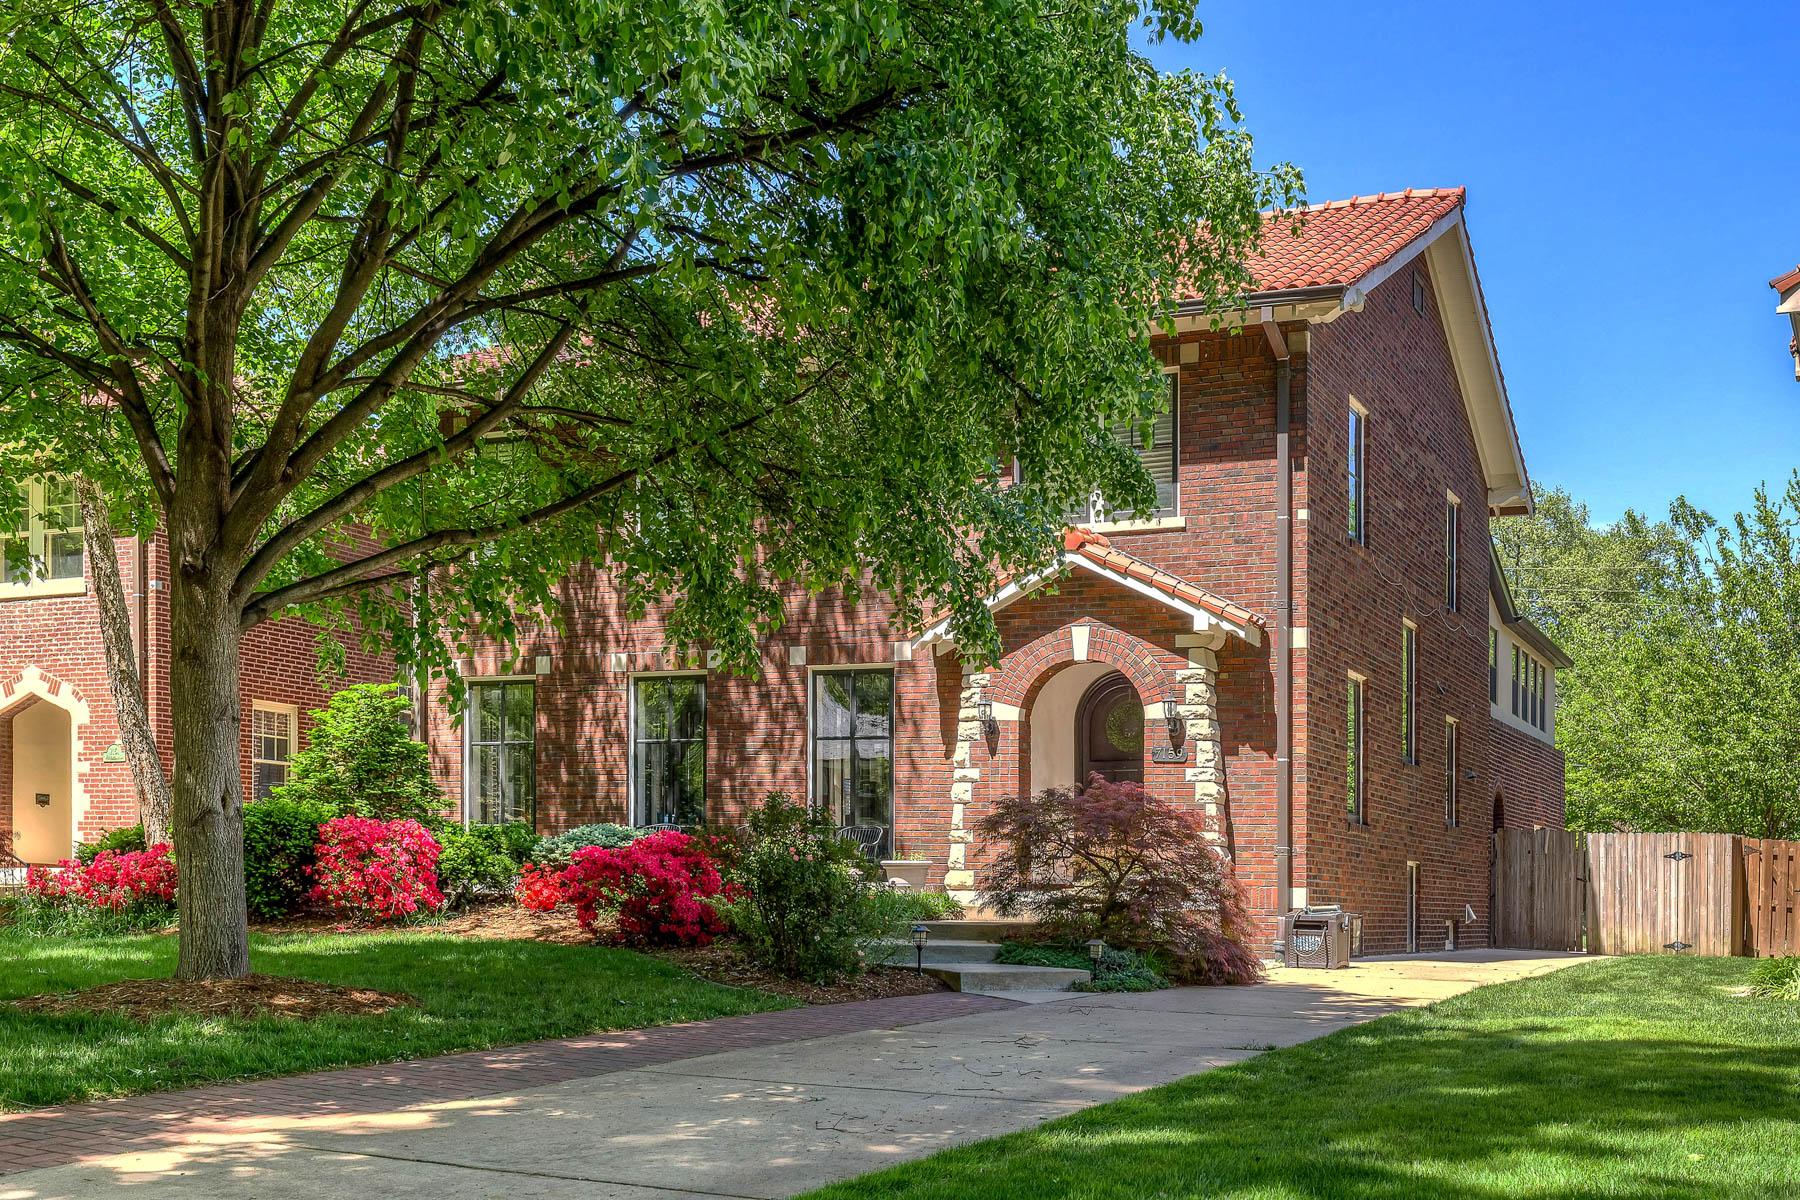 Maison unifamiliale pour l Vente à Westmoreland 7159 Westmoreland University City, Missouri, 63130 États-Unis